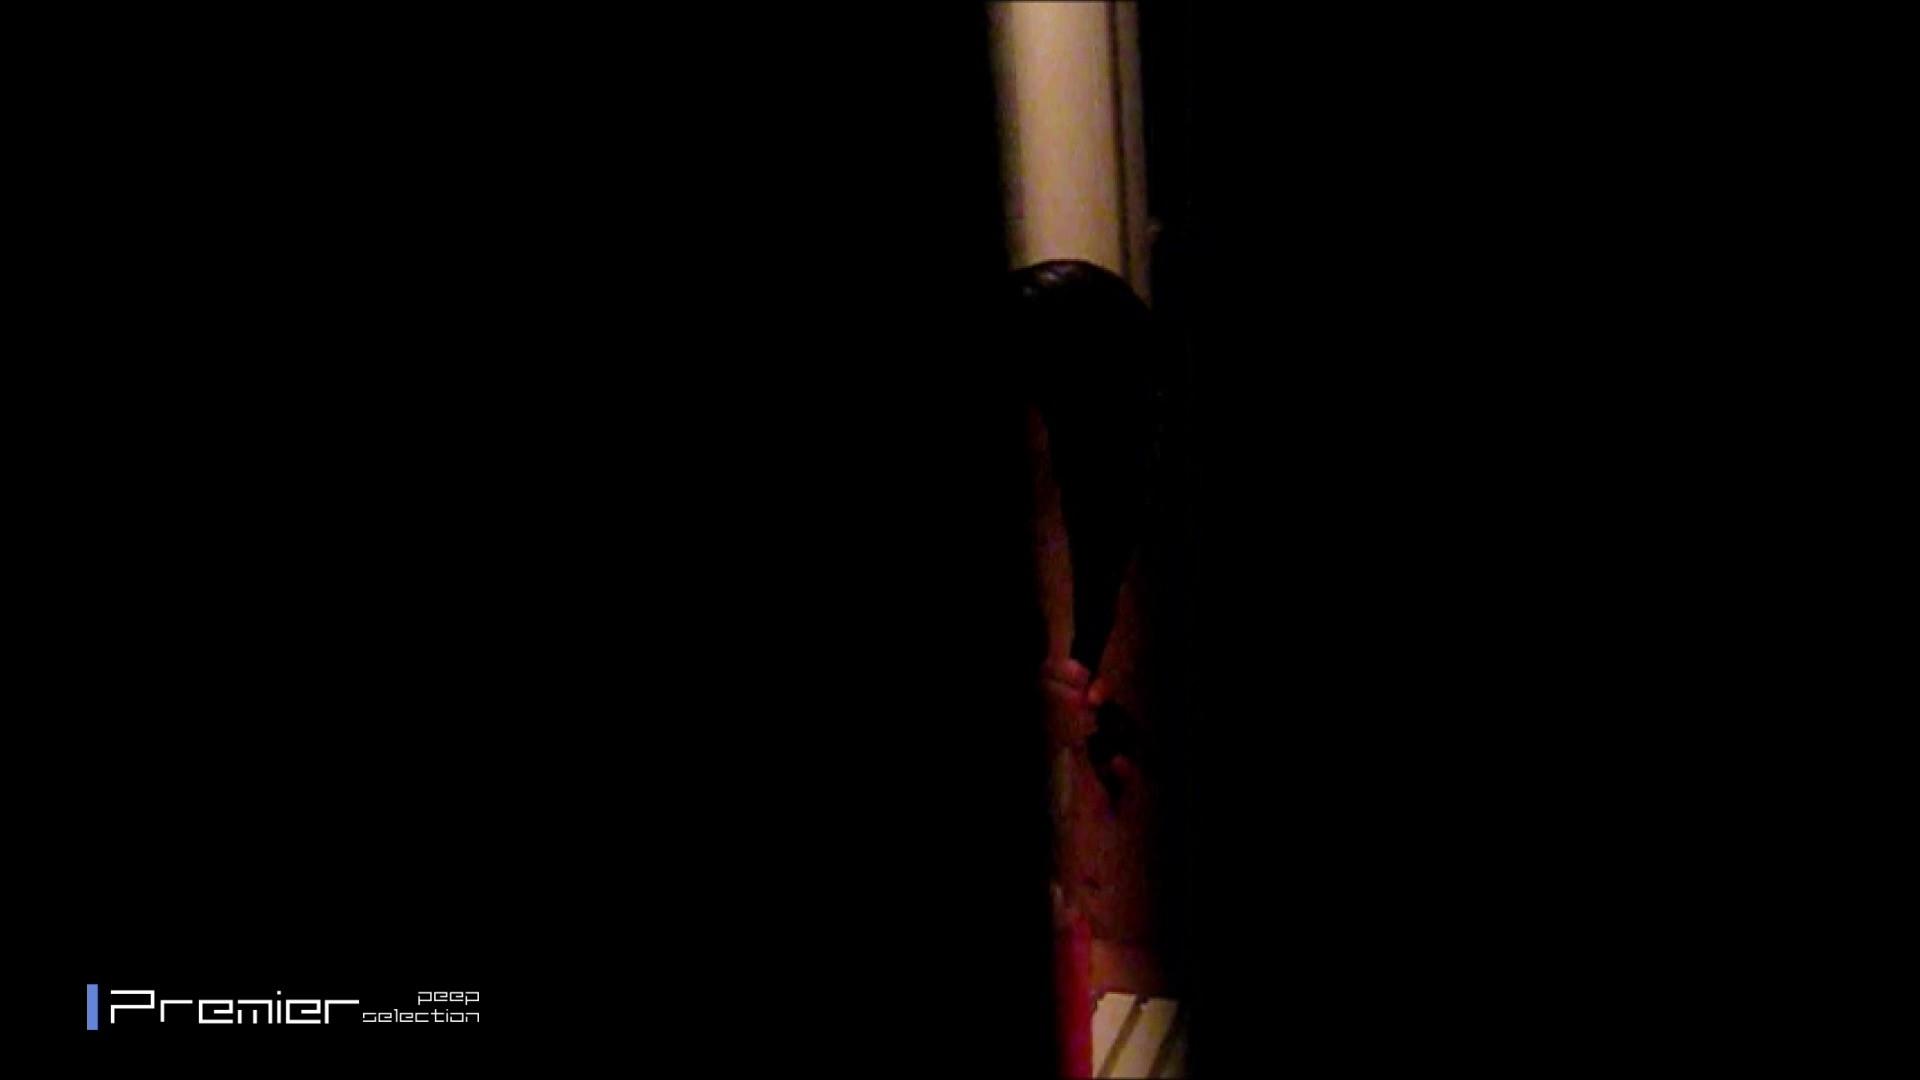 隙間撮り!黒髪美女の痴態 乙女の風呂場 Vol.11 乙女もsex エロ画像 95枚 50